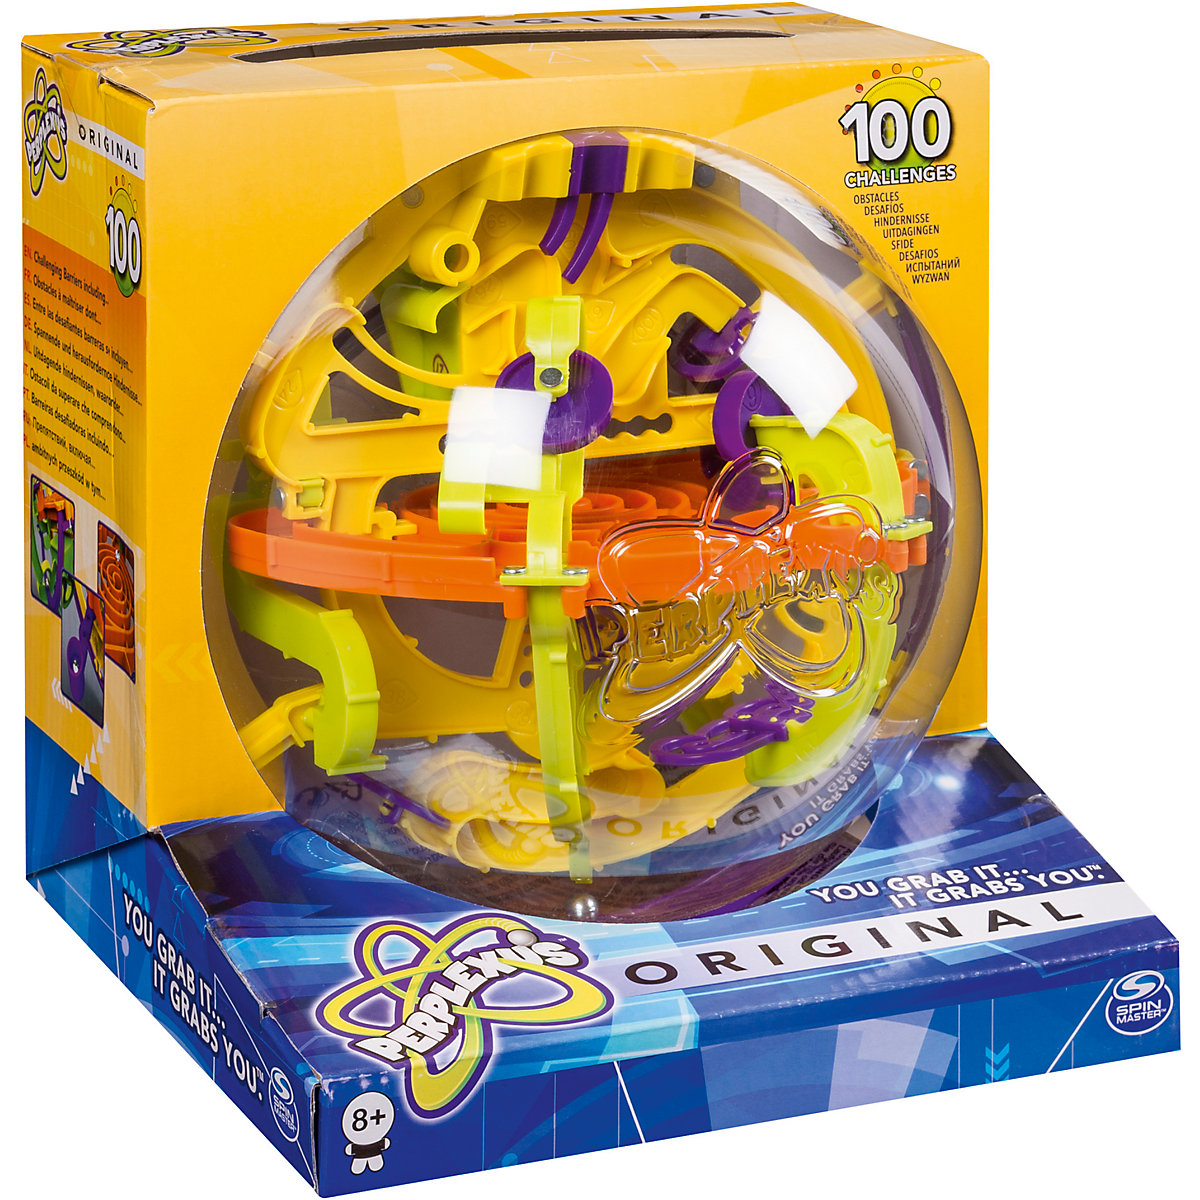 SPIN MASTER Puzzles 3218658 jeux jouets jeu jouet éducationnel сactus jouer garçon garçons fille filles puzzle MTpromo